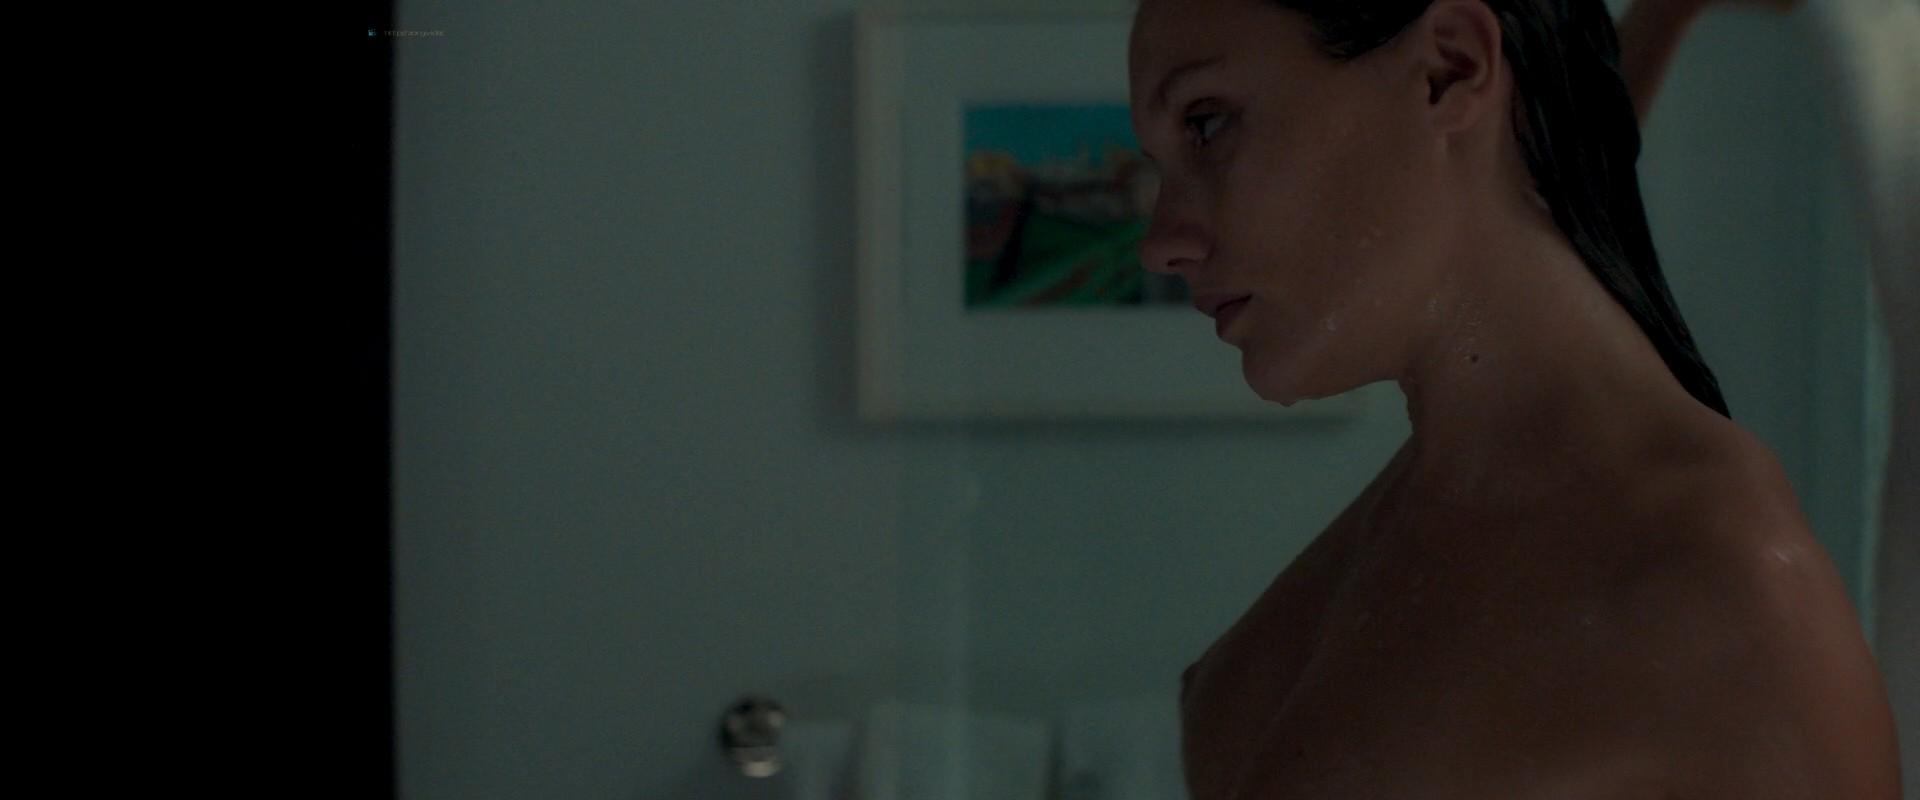 Ana Girardot nude and hot sex - Entangled (2019) 1080p Web (13)